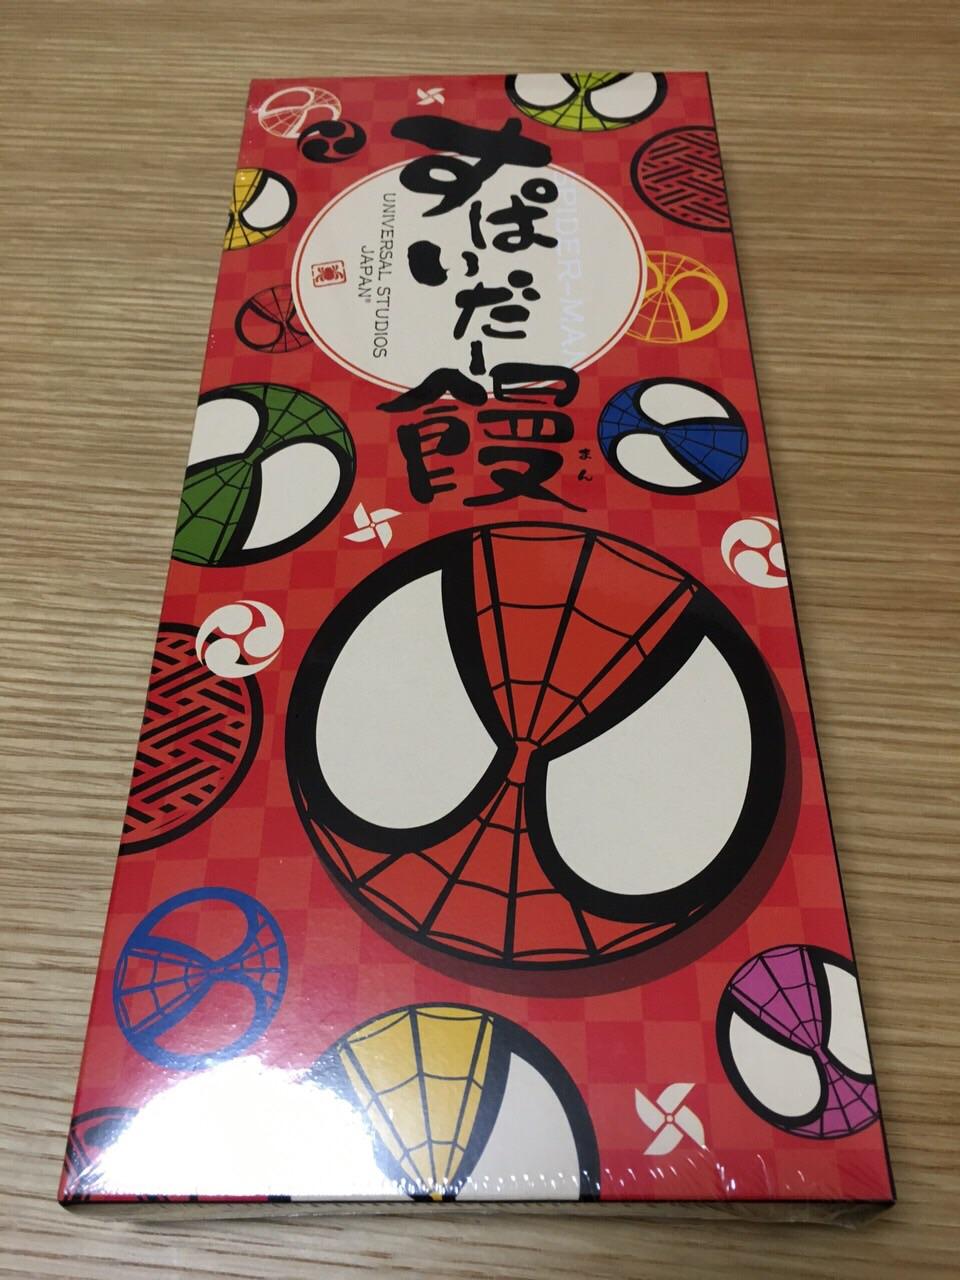 スパイダー饅頭◎_e0261276_2243758.jpg